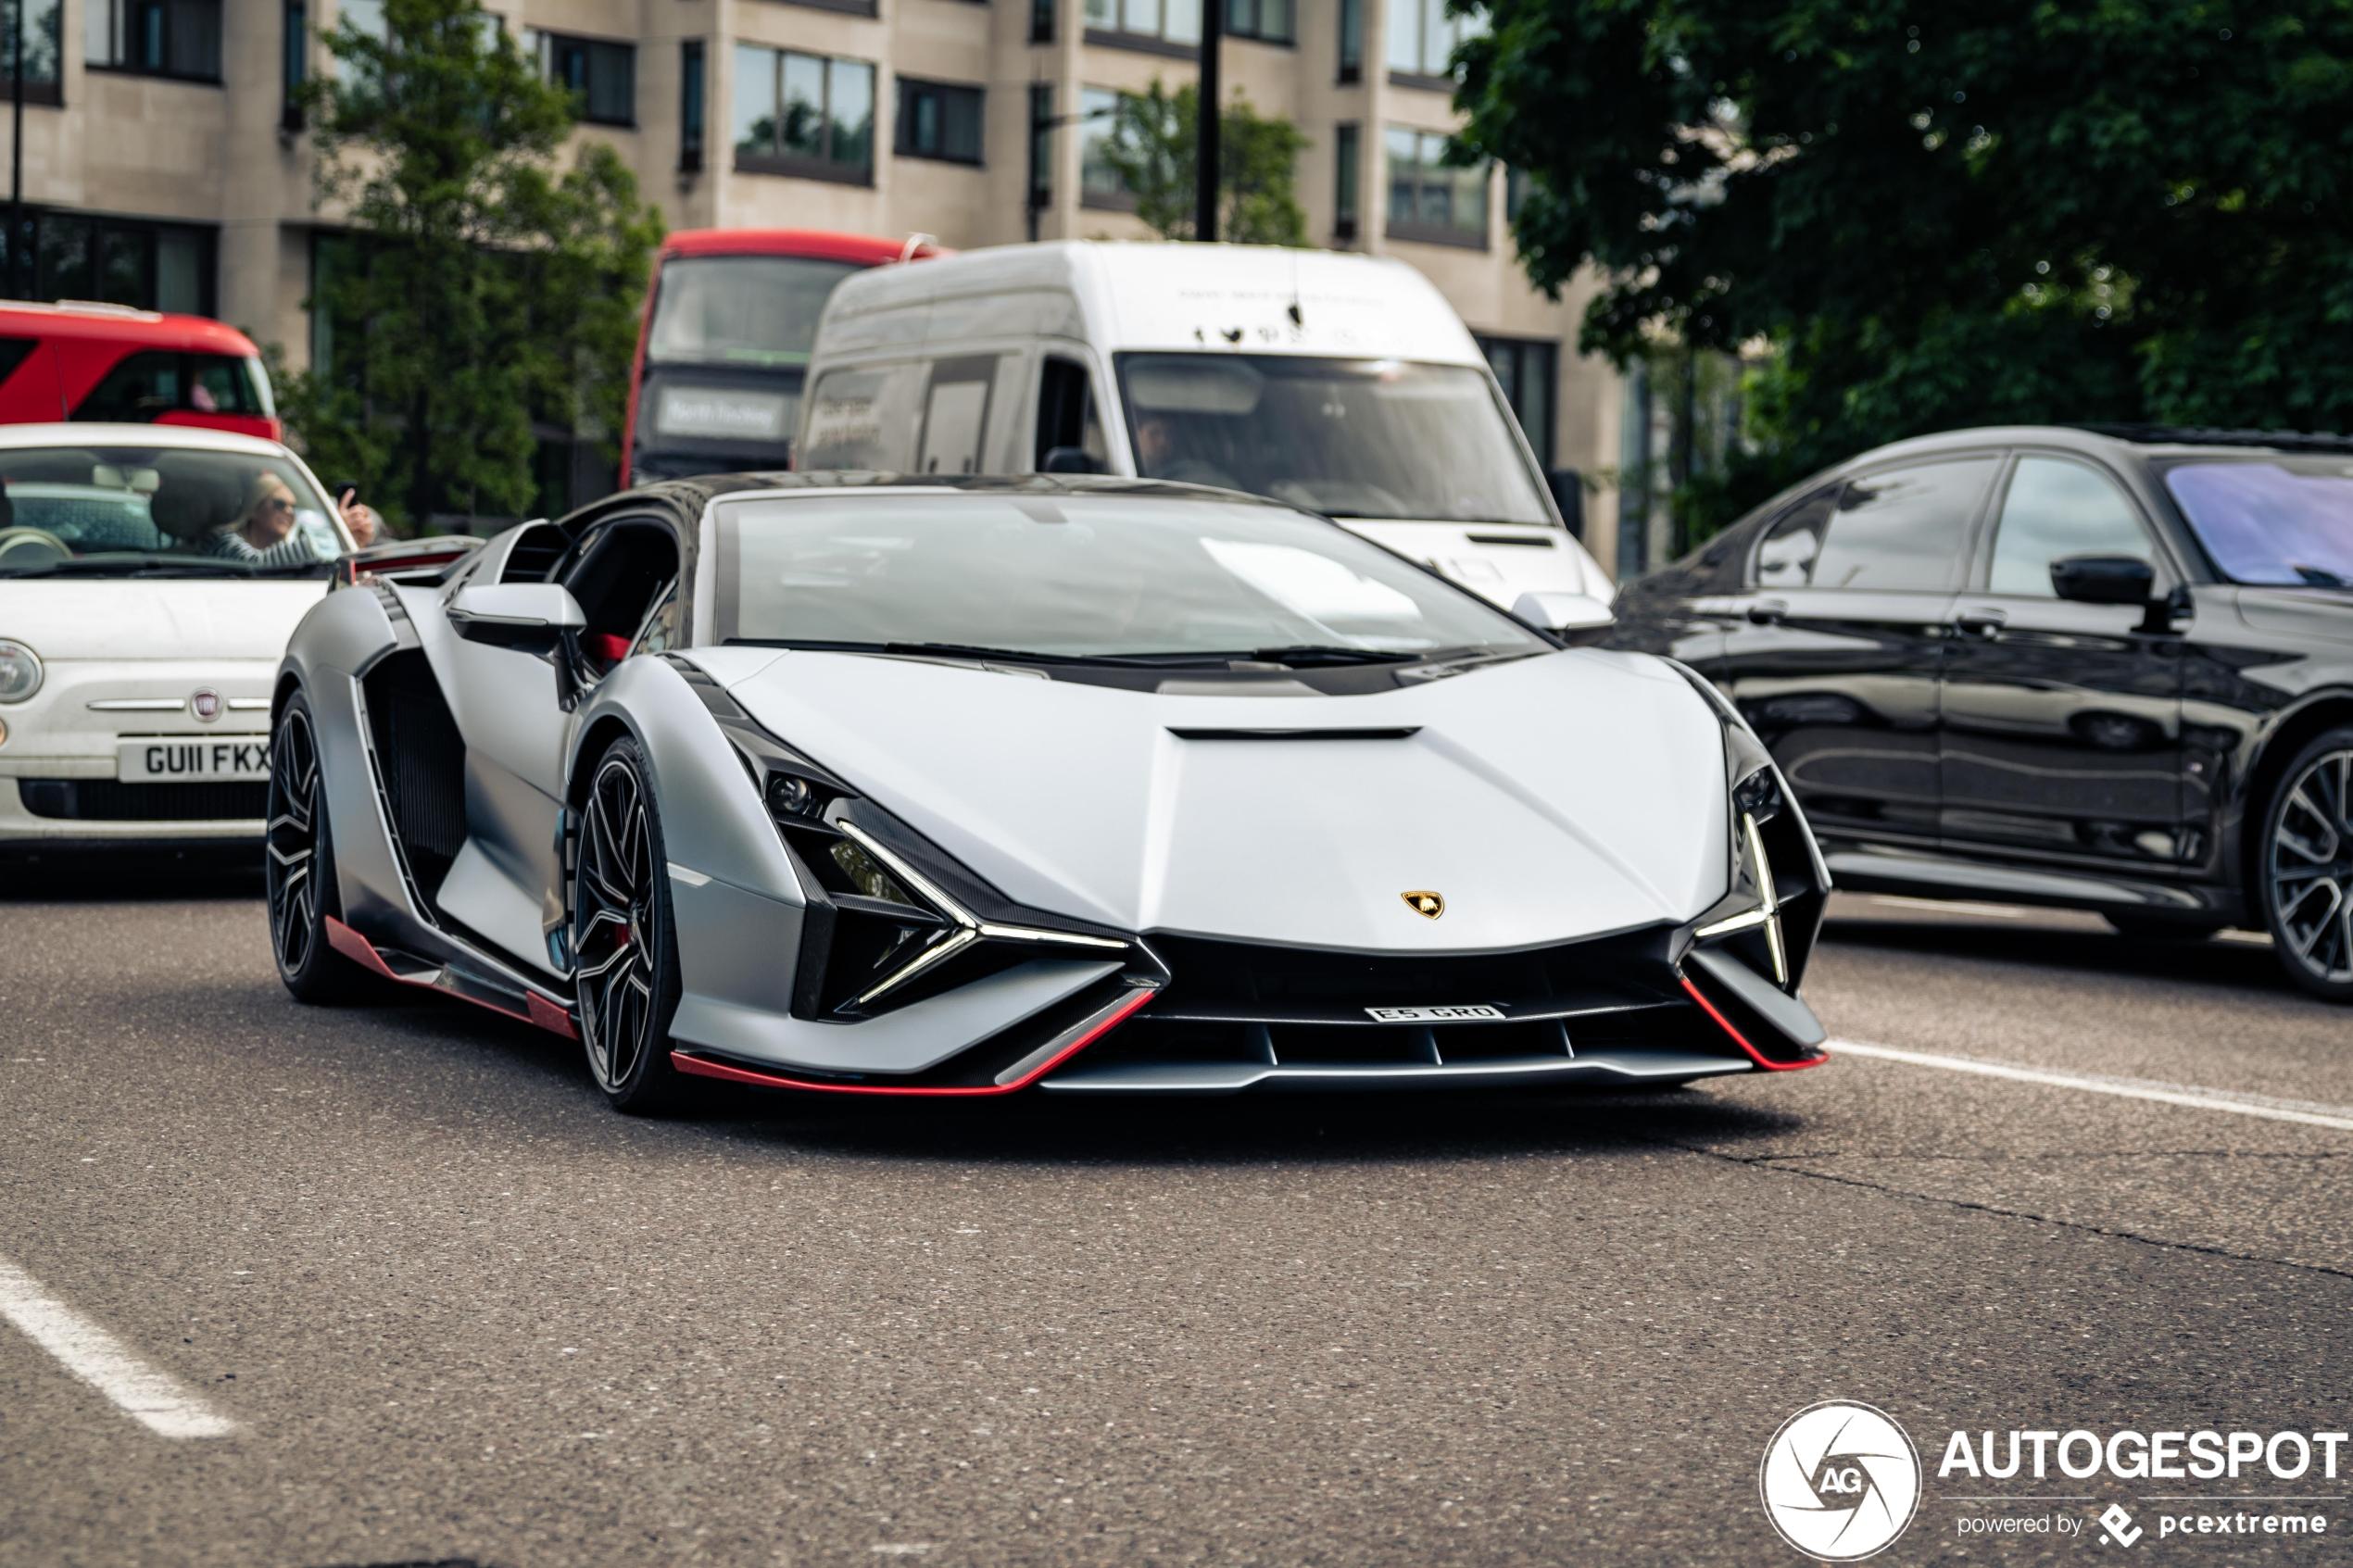 Topspot: Lamborghini Sián FKP 37 surprises London